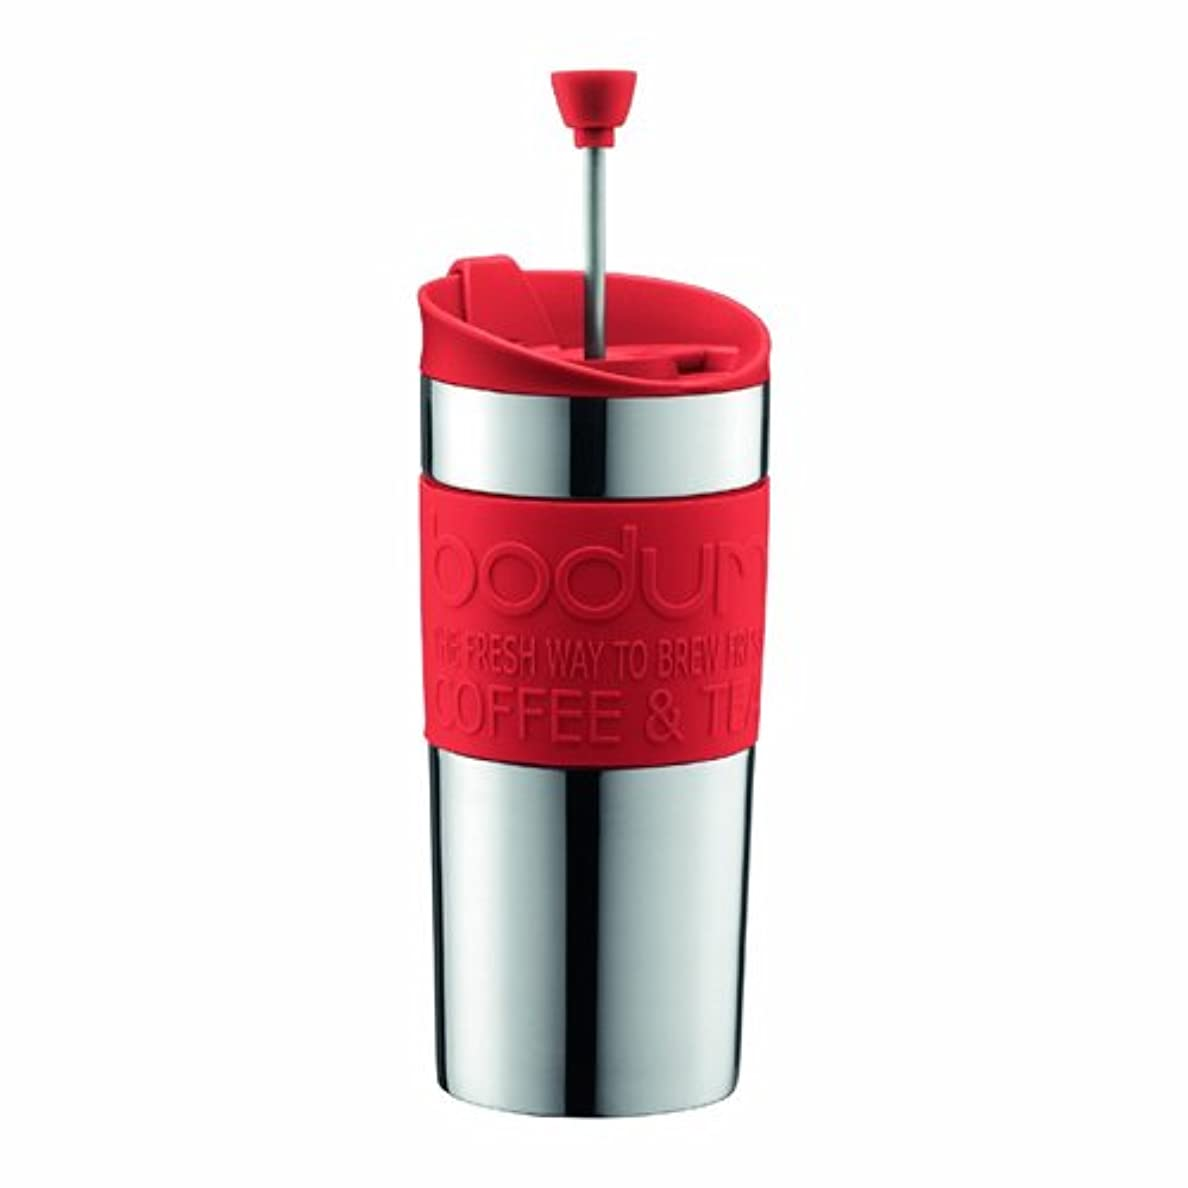 提案する逃げる厳【正規品】 BODUM ボダム TRAVEL PRESS SET マグ用リッド付コーヒーメーカー 350ml レッド K11067-294